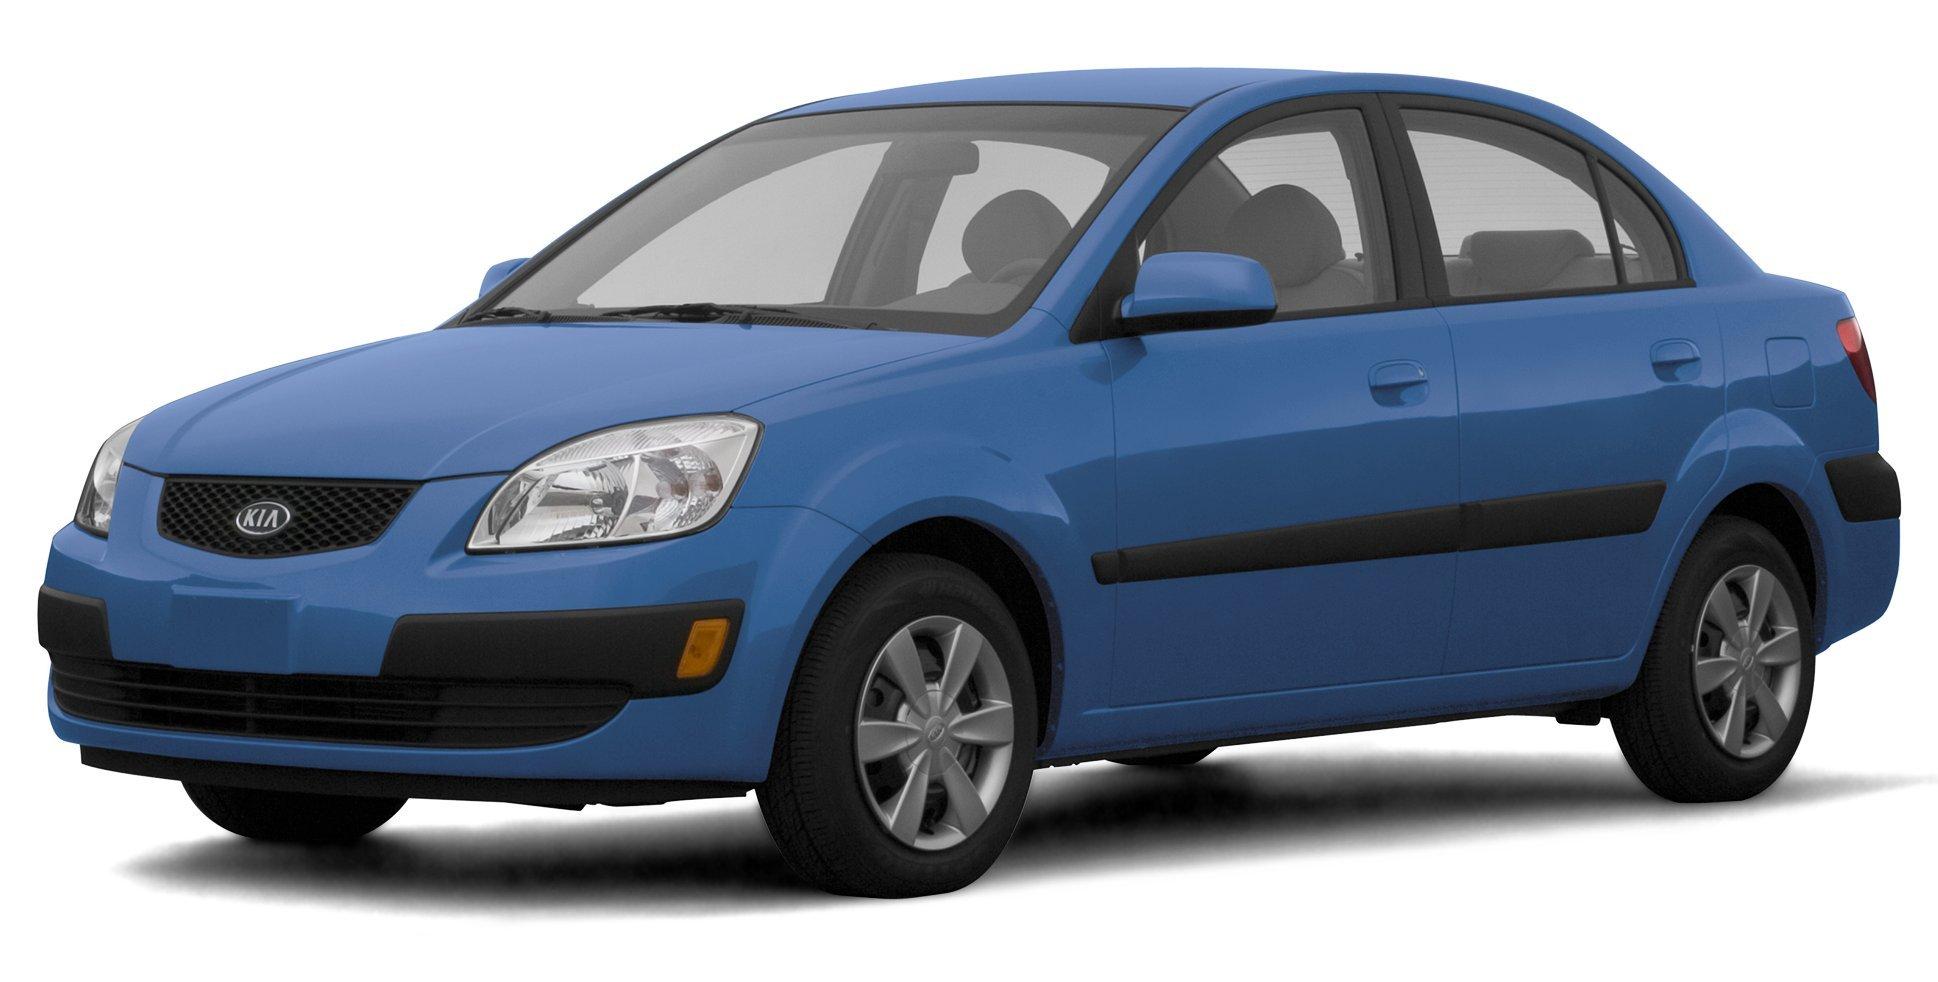 2007 Hyundai Accent GLS, 4-Door Sedan Automatic Transmission, 2007 Kia Rio  LX, 4-Door Sedan Automatic Transmission ...